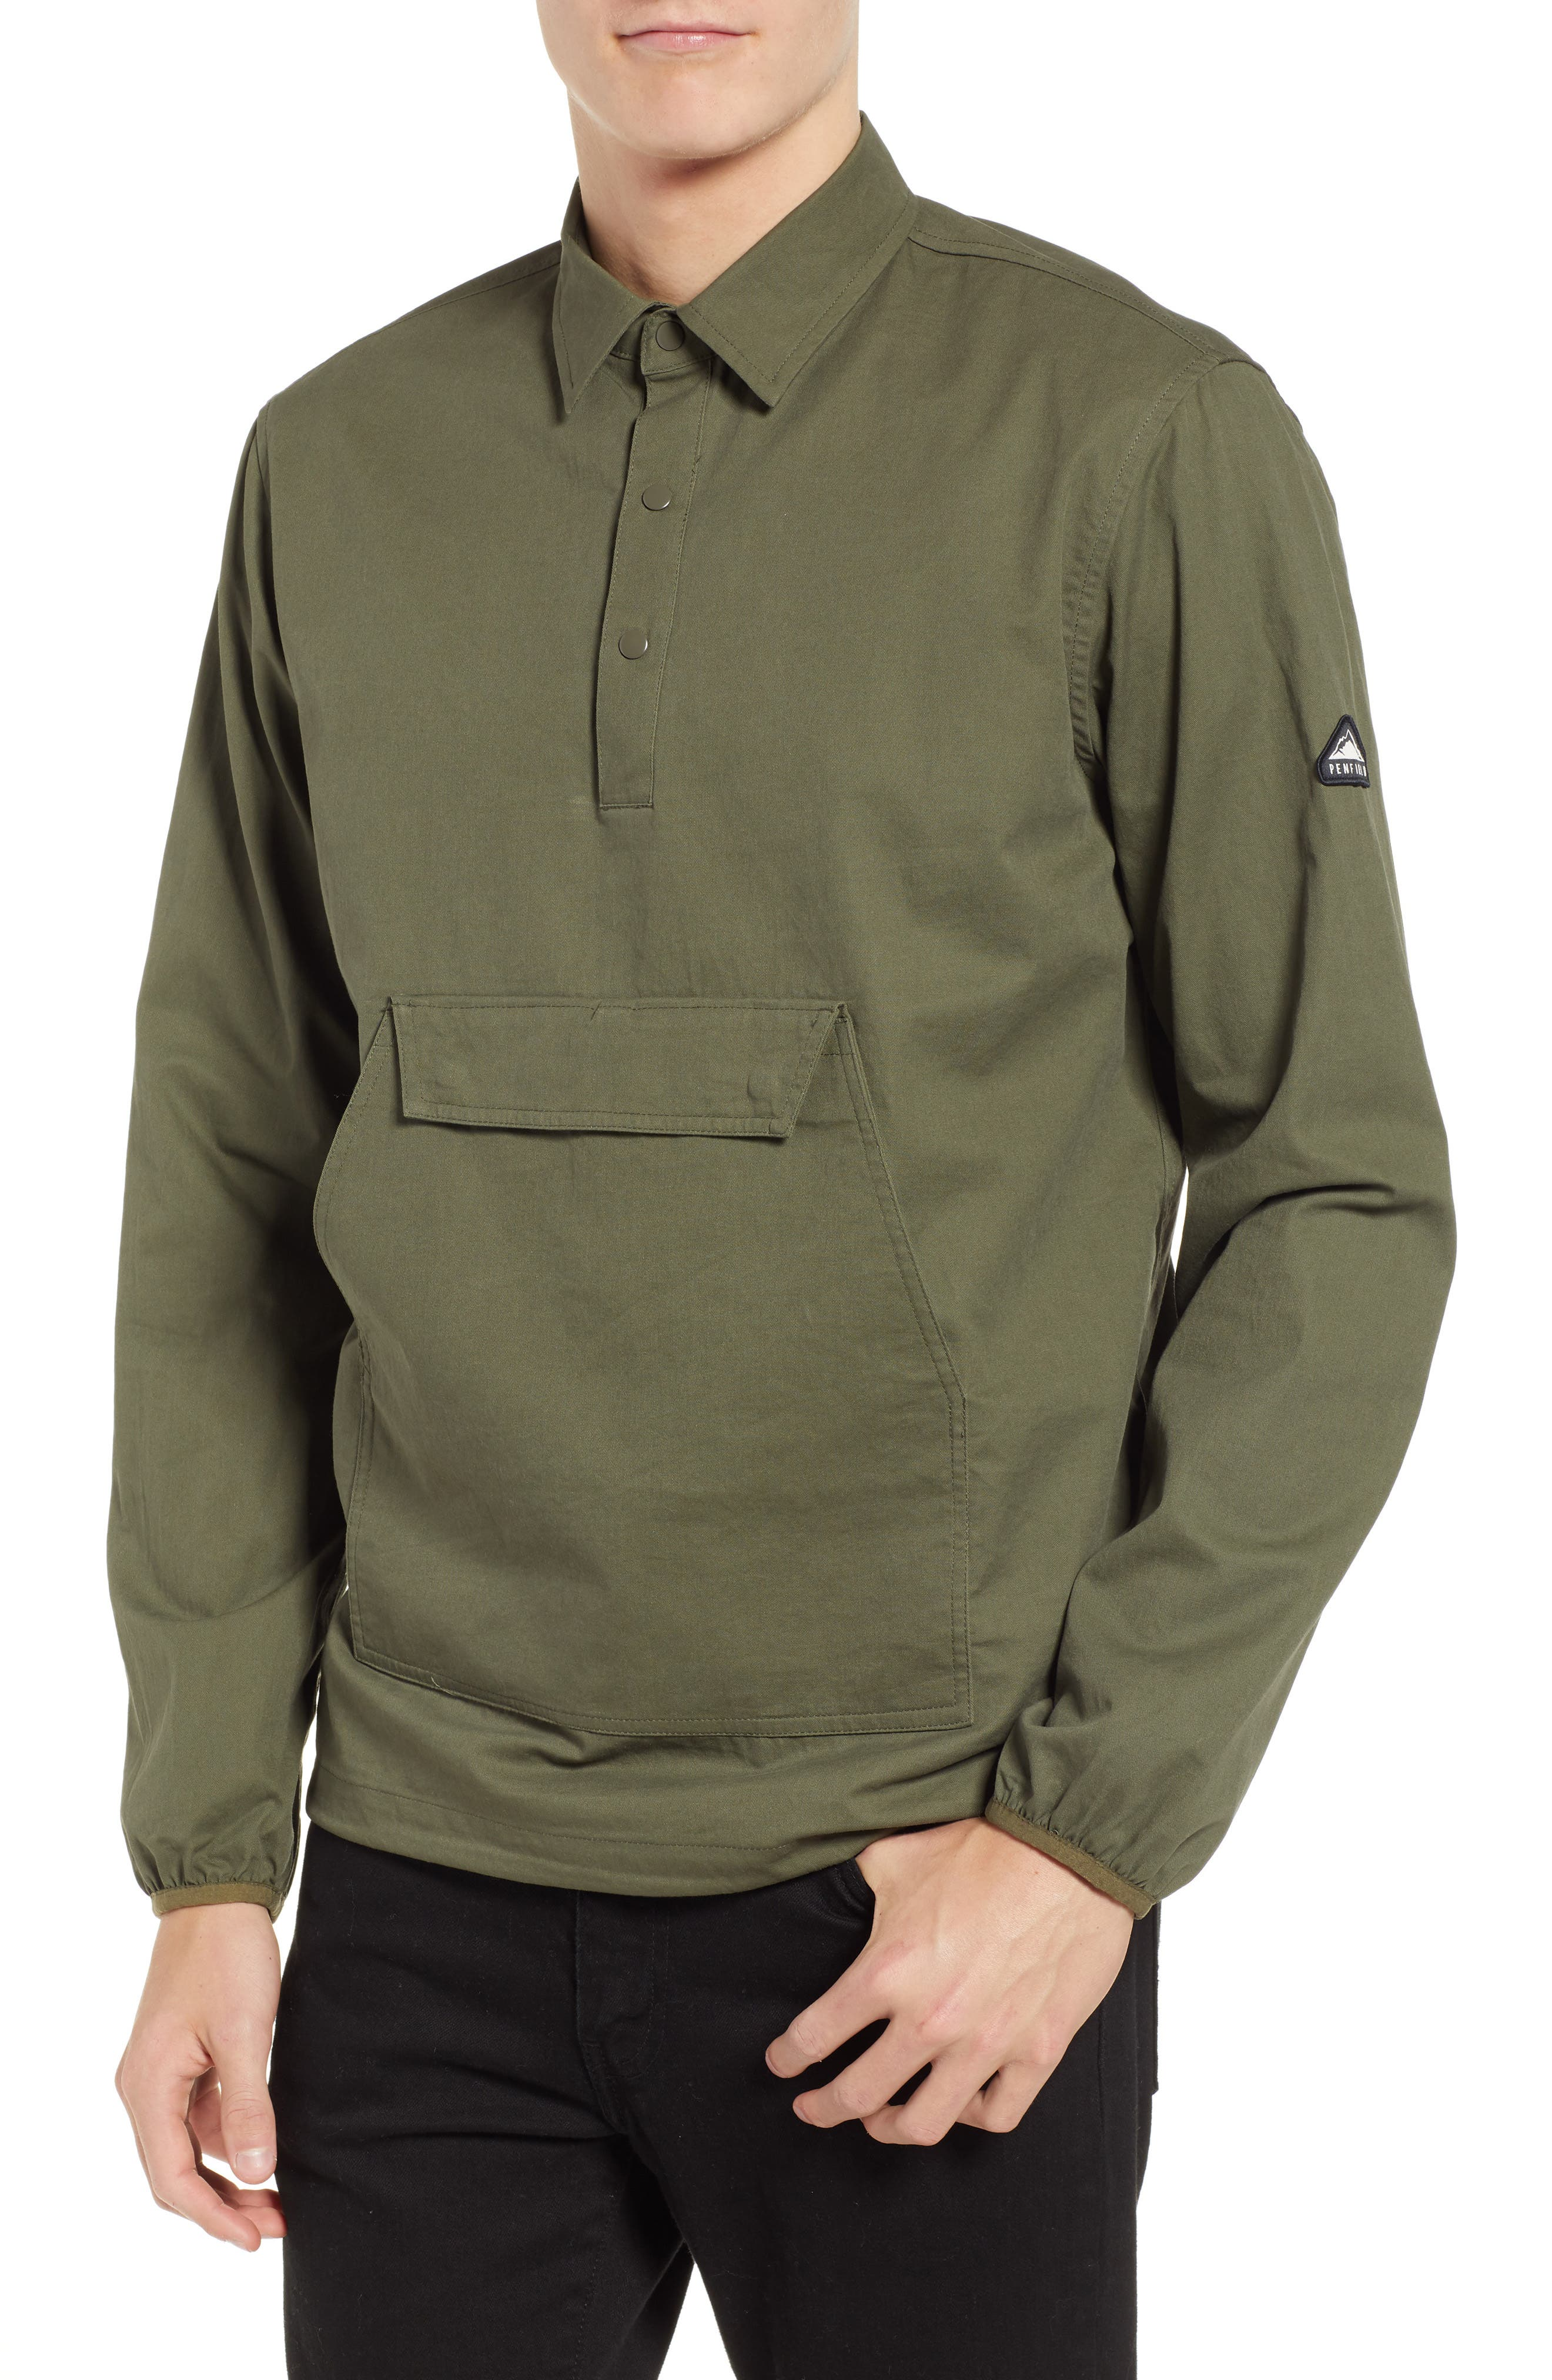 Adelanto Snap Pocket Shirt,                             Main thumbnail 1, color,                             DARK OLIVE